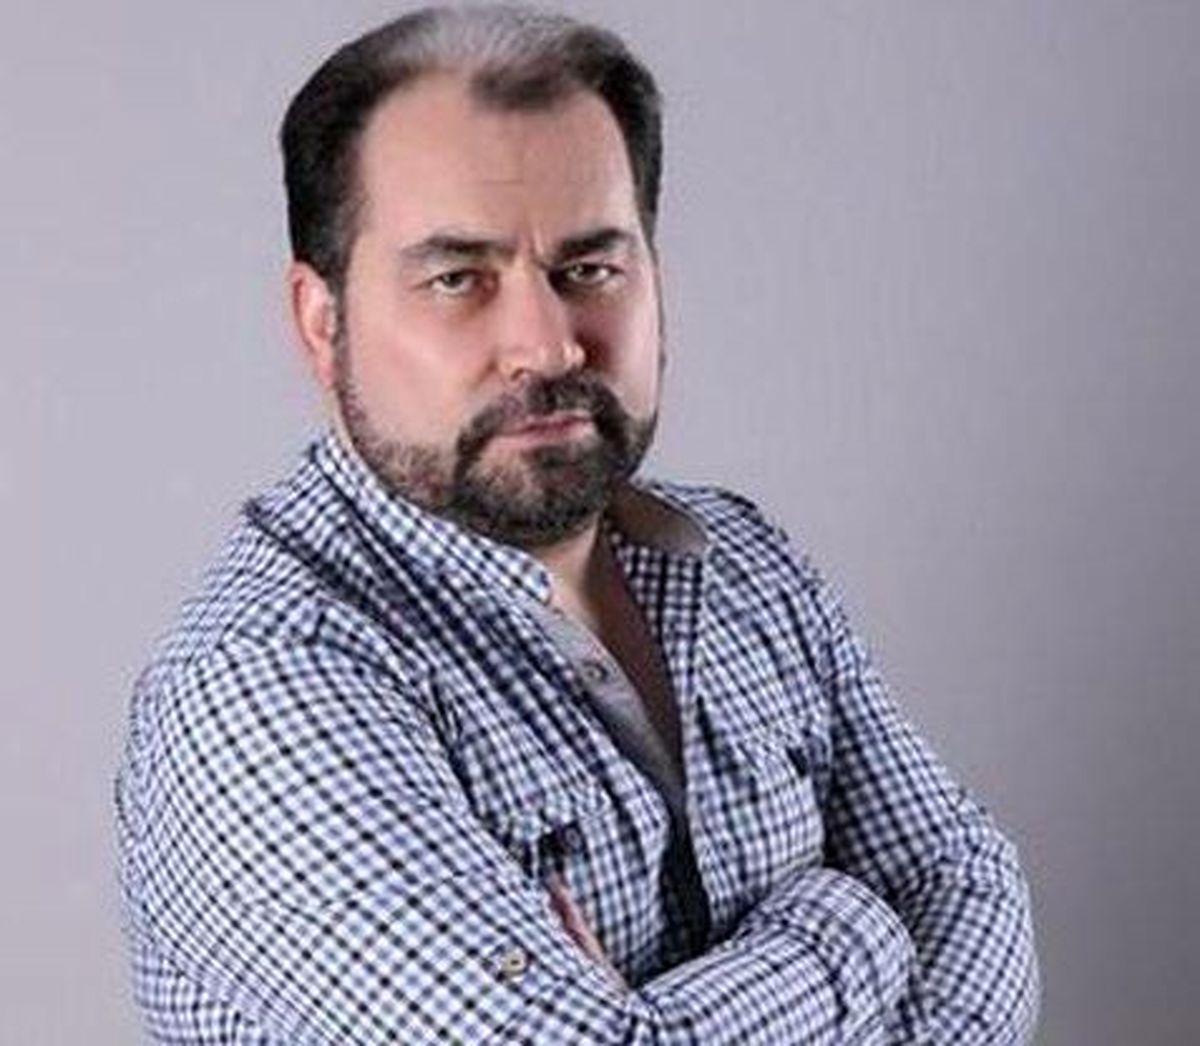 سردبیر سابق پایگاه اطلاع رسانی دولت بر اثر کرونا درگذشت